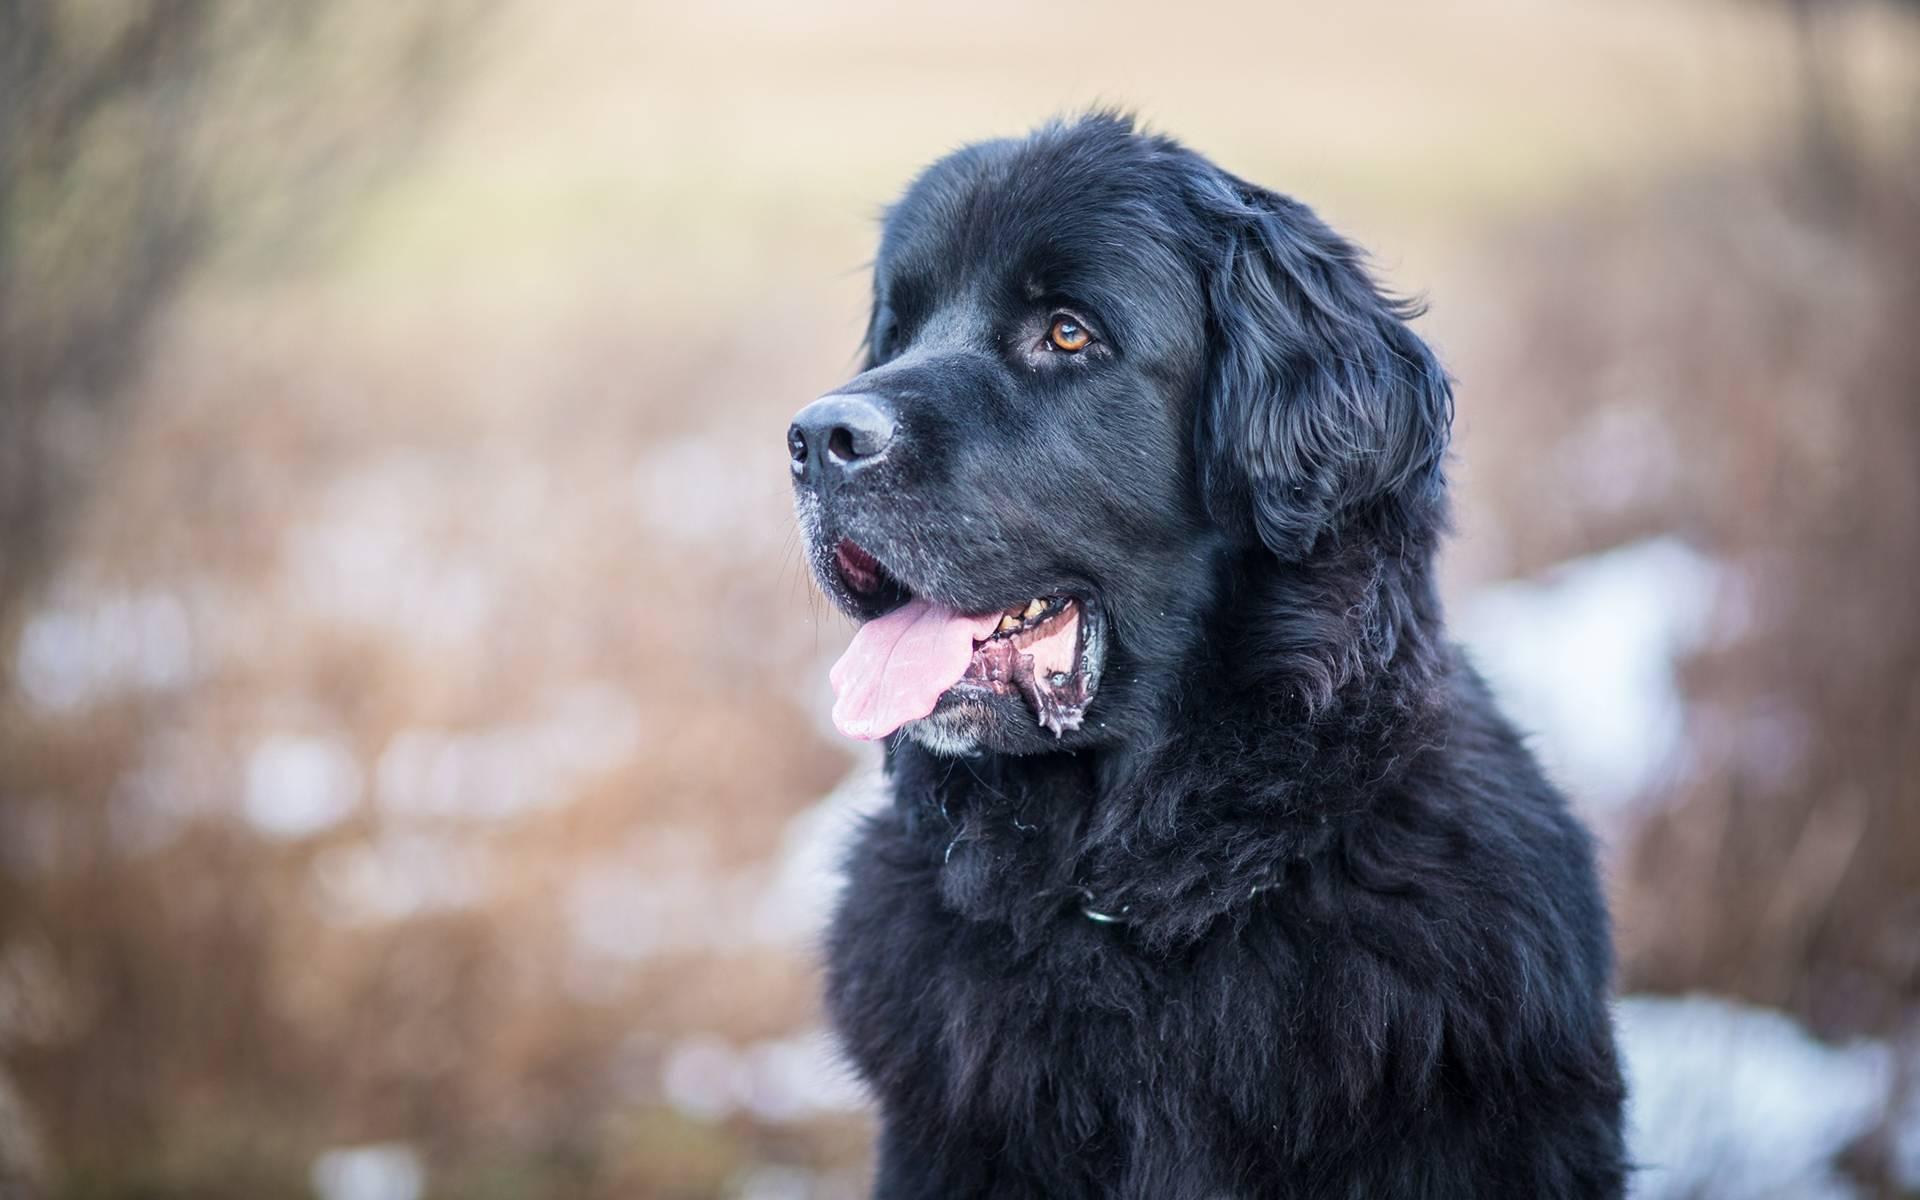 Ньюфаундленд — описание породы, характеристика, уход, фото ньюфаундлендов и многое другое